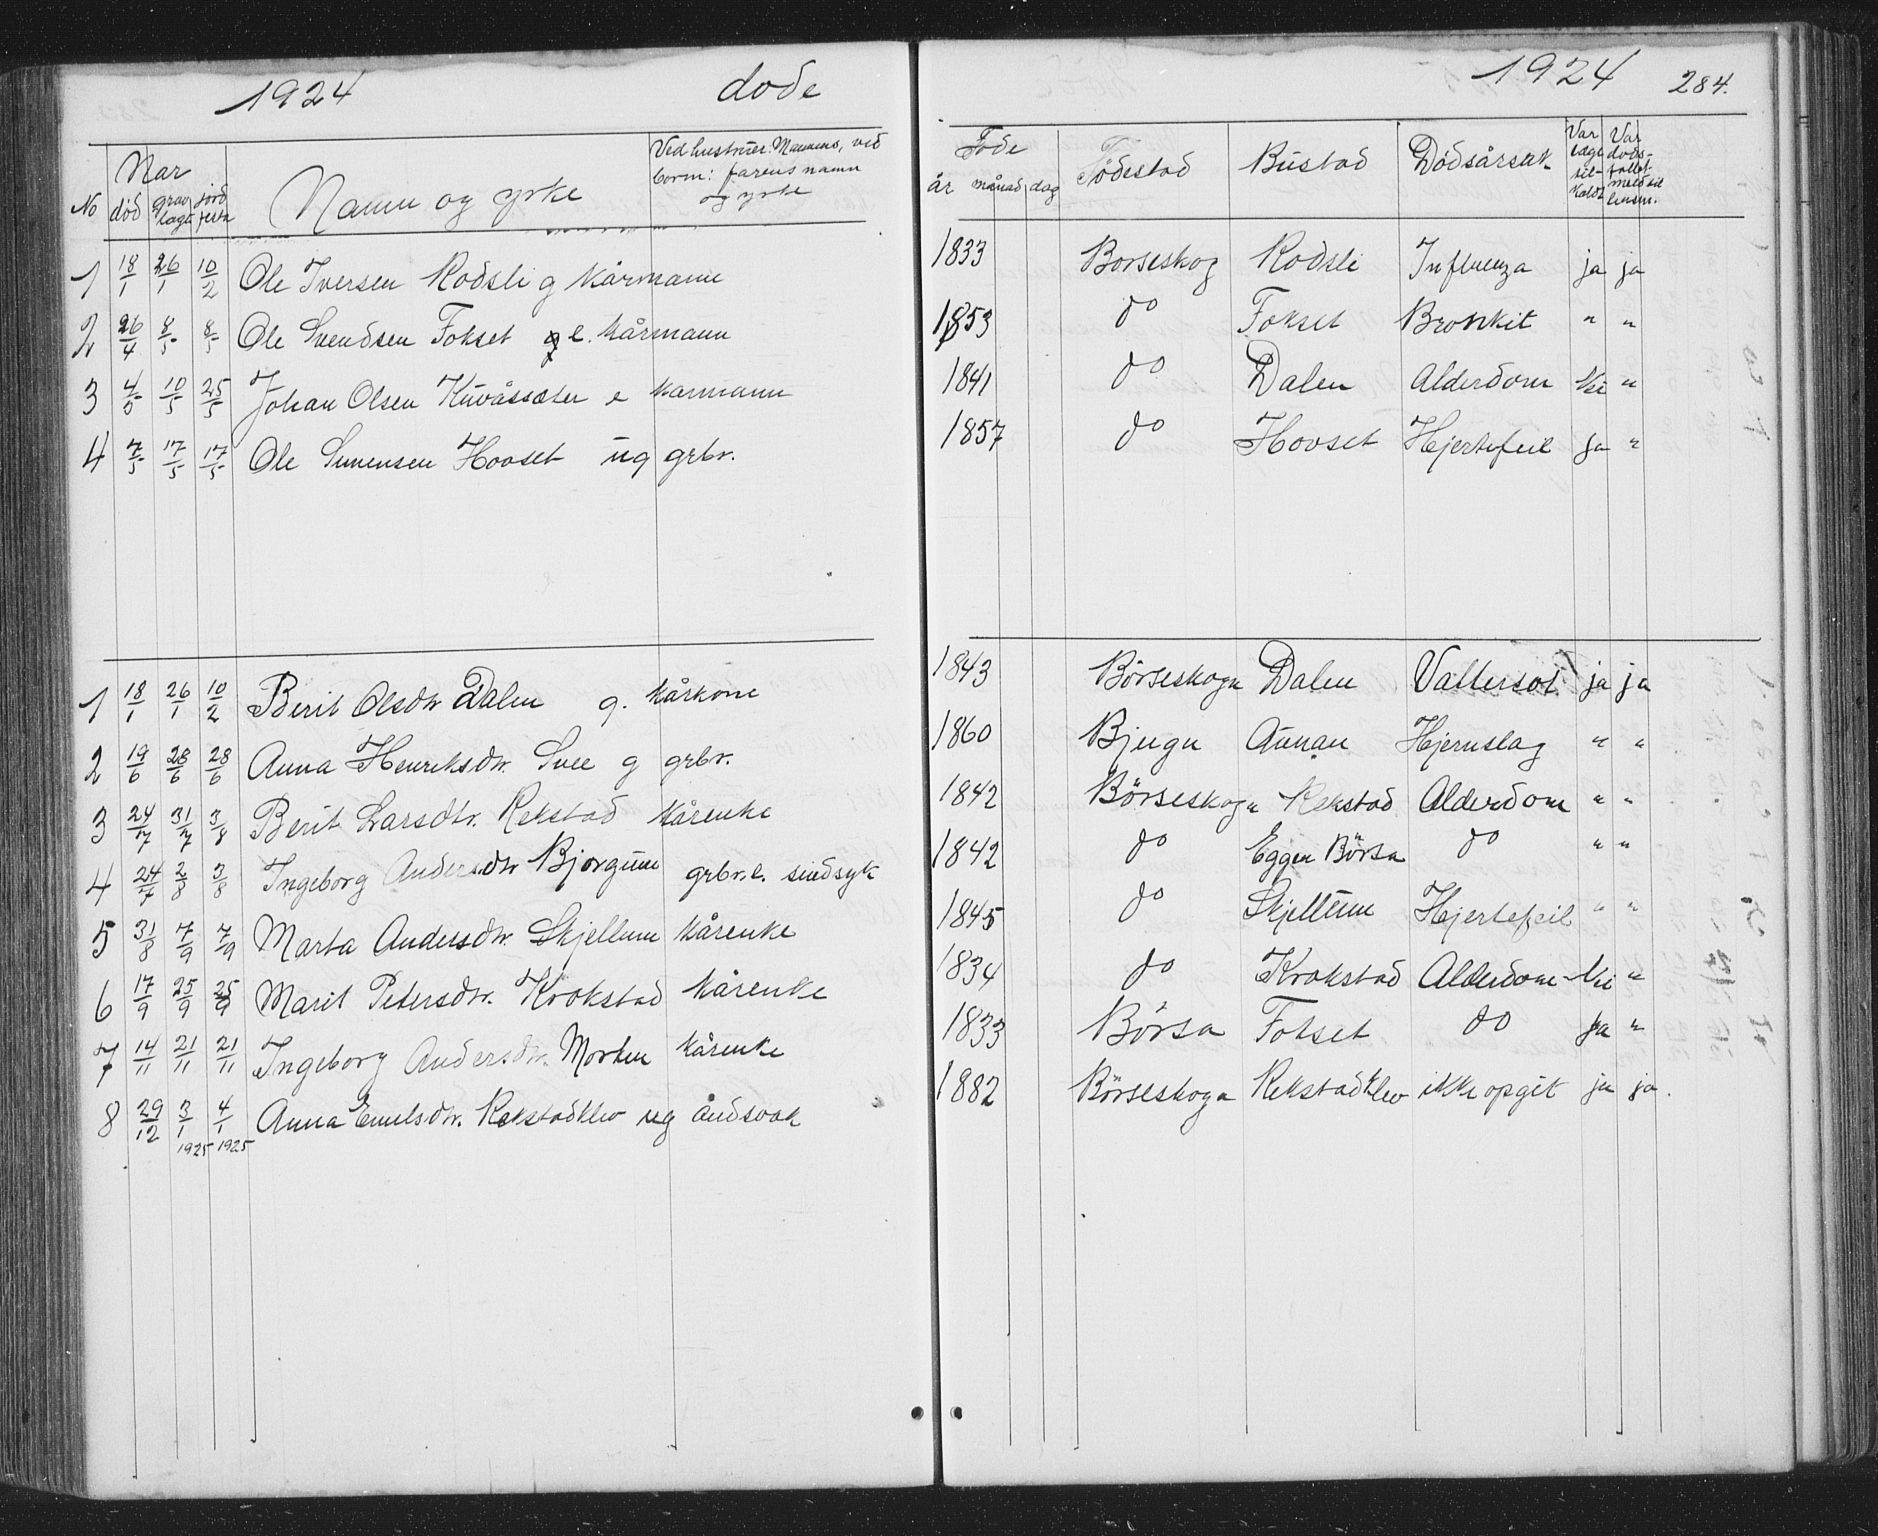 SAT, Ministerialprotokoller, klokkerbøker og fødselsregistre - Sør-Trøndelag, 667/L0798: Klokkerbok nr. 667C03, 1867-1929, s. 284